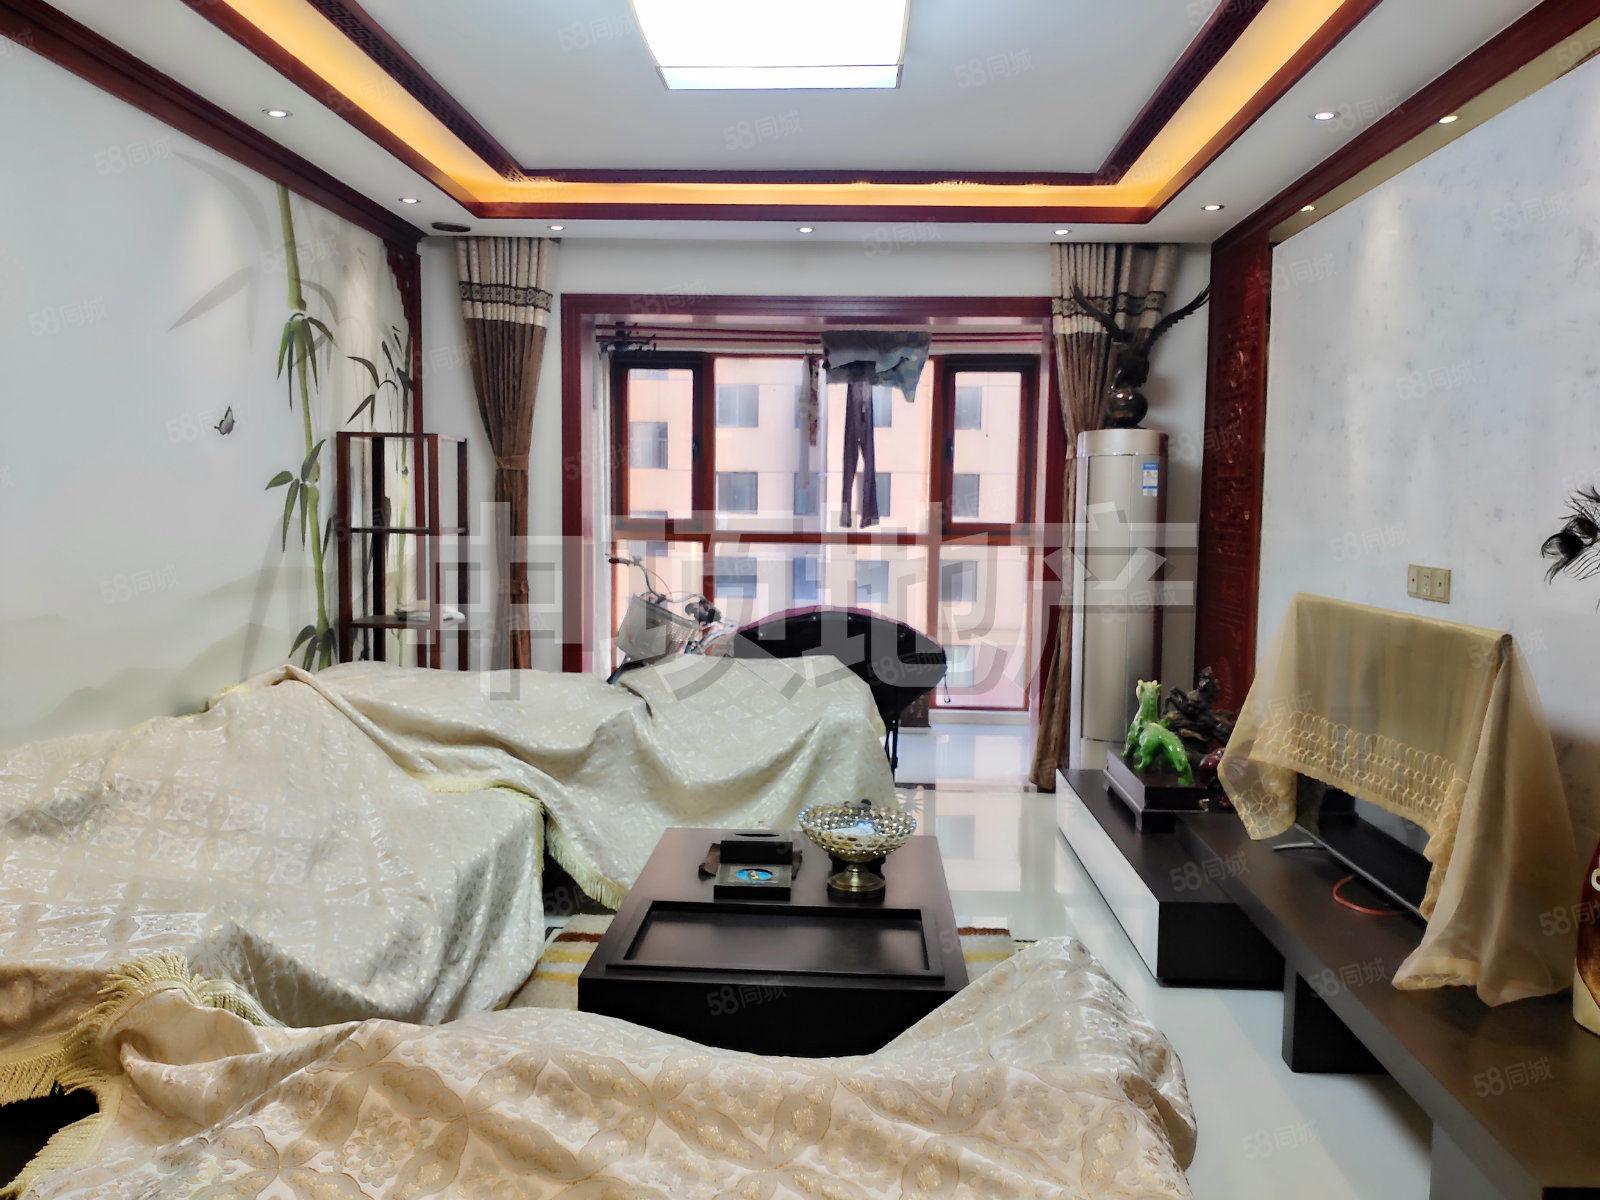 金海明月新上豪华新中式装修三居室 家具家电都是品牌的